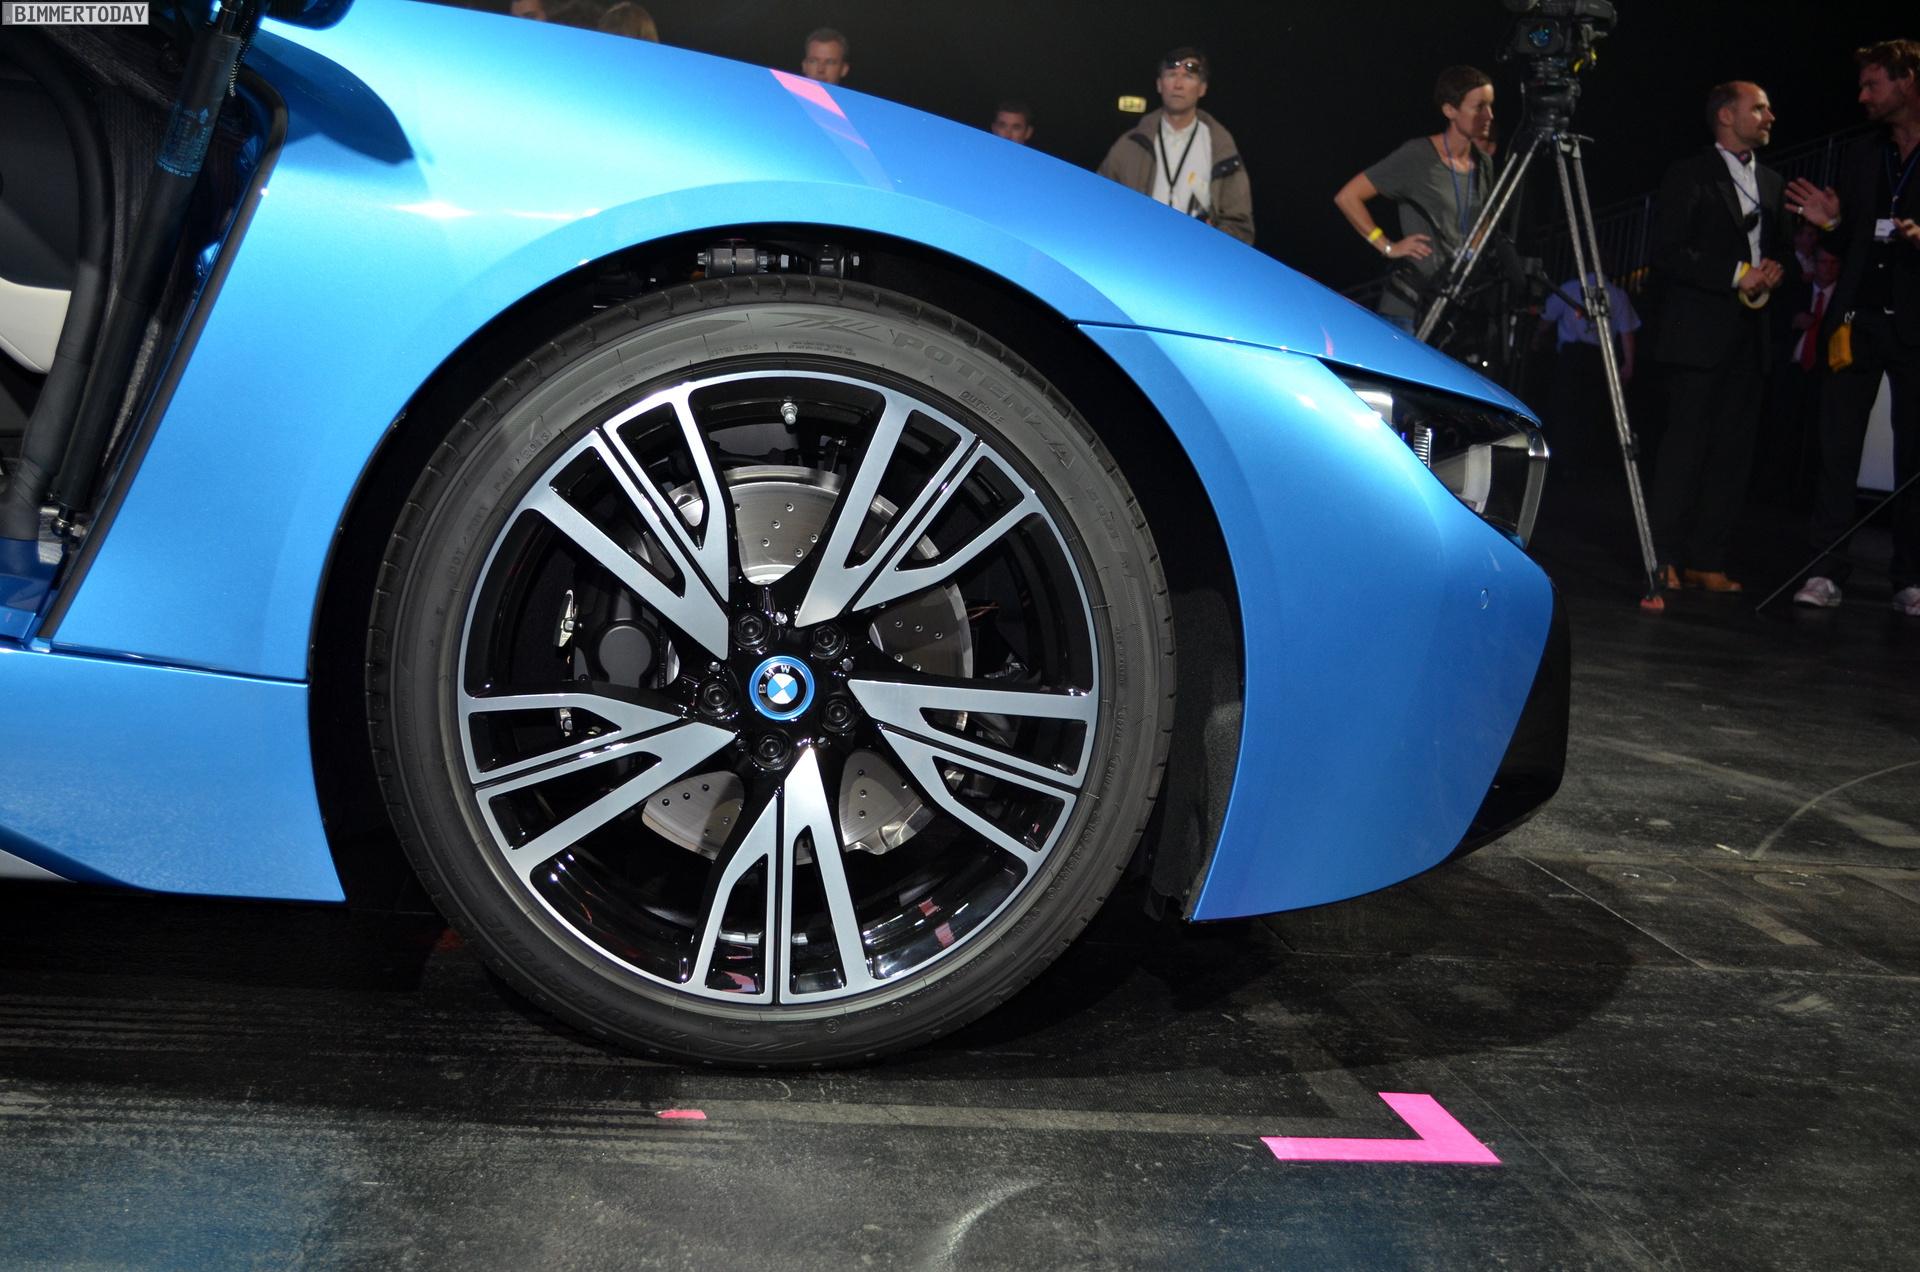 2013 - [BMW] i8 [i12] - Page 13 BMW-i8-Hybrid-eDrive-Weltpremiere-Protonic-Blue-IAA-2013-LIVE-10